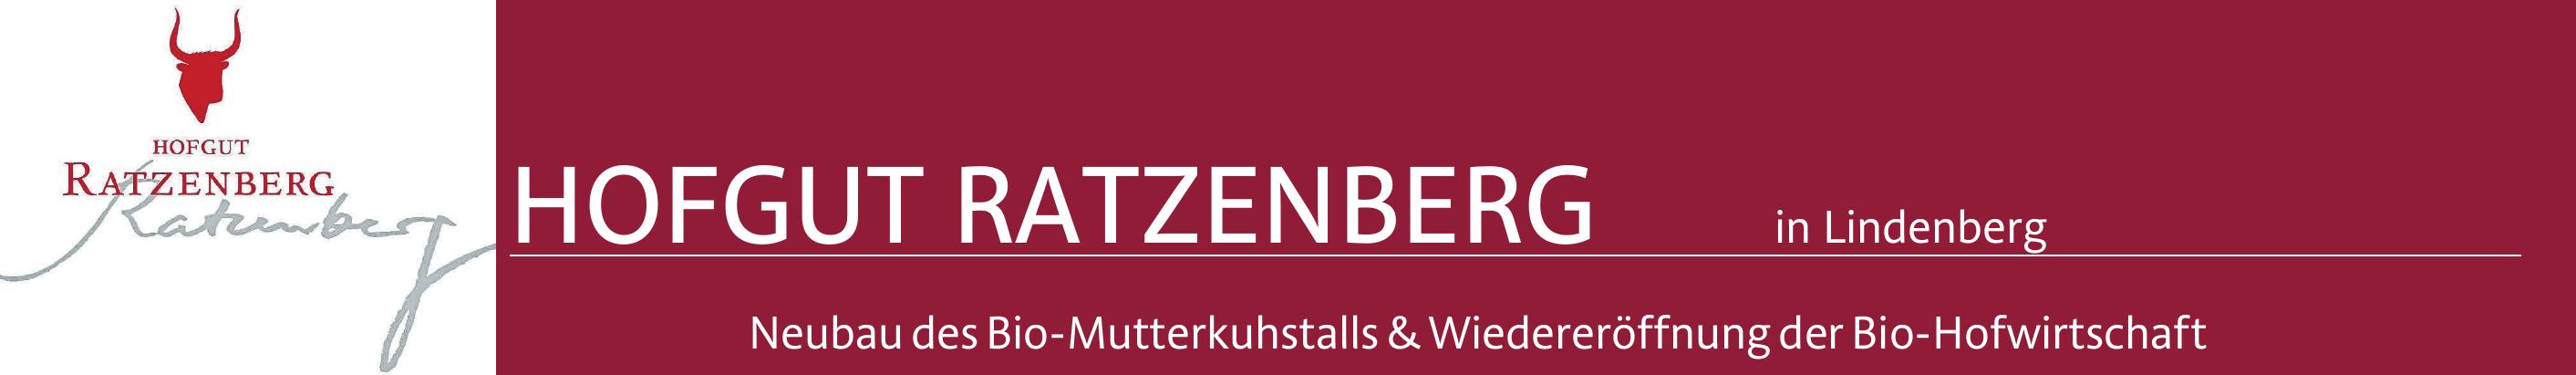 Hofgut Ratzenberg schafft mehr Platz für Mutterkühe und Kälber Image 1